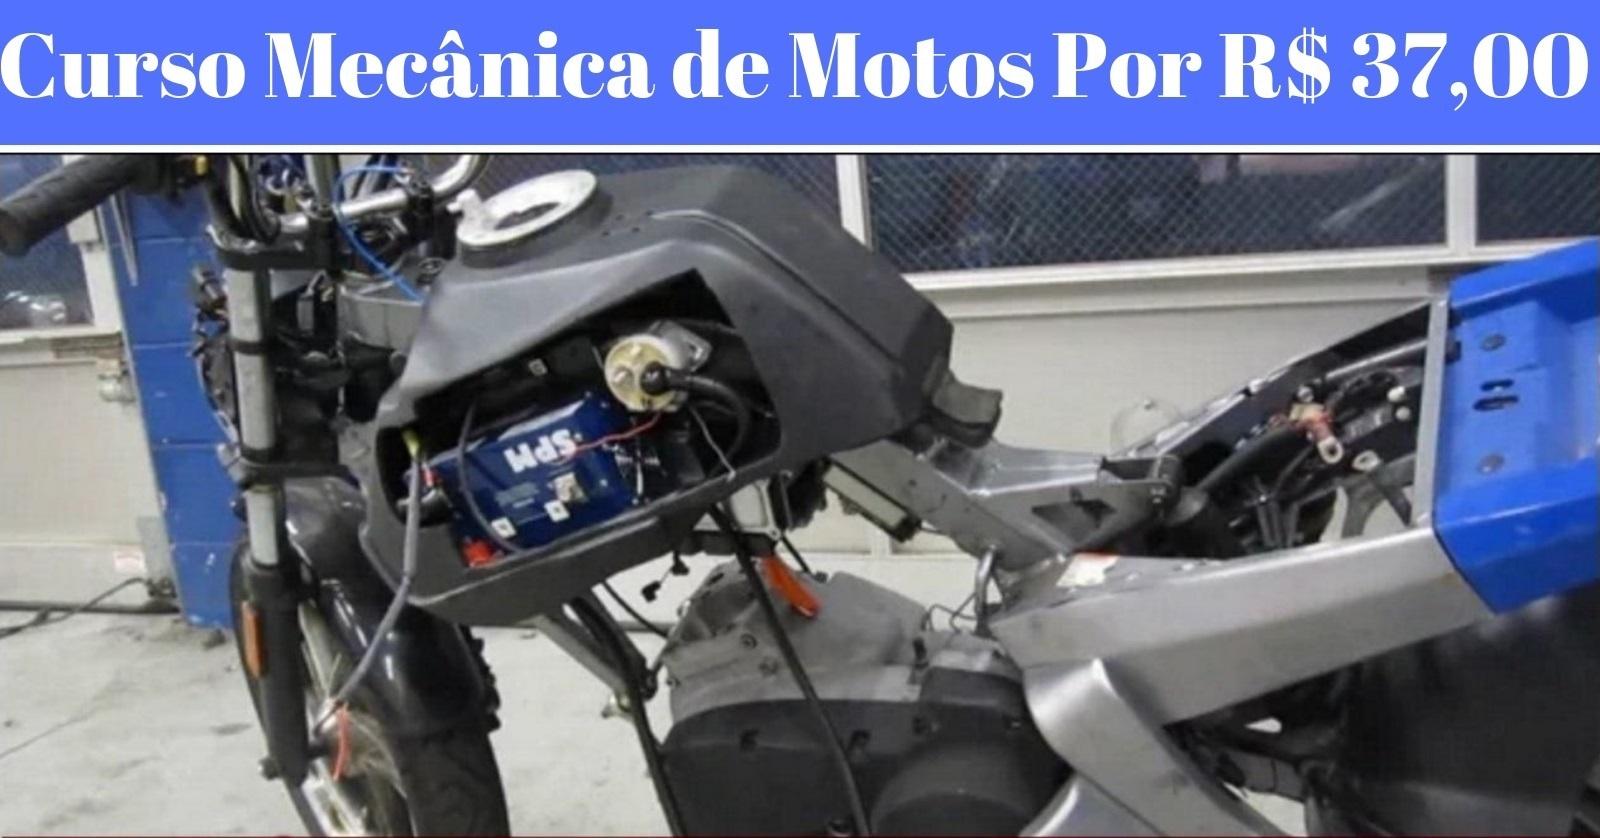 ae09adca533 Curso de mecanica de motos em Porto Alegre - Sympla